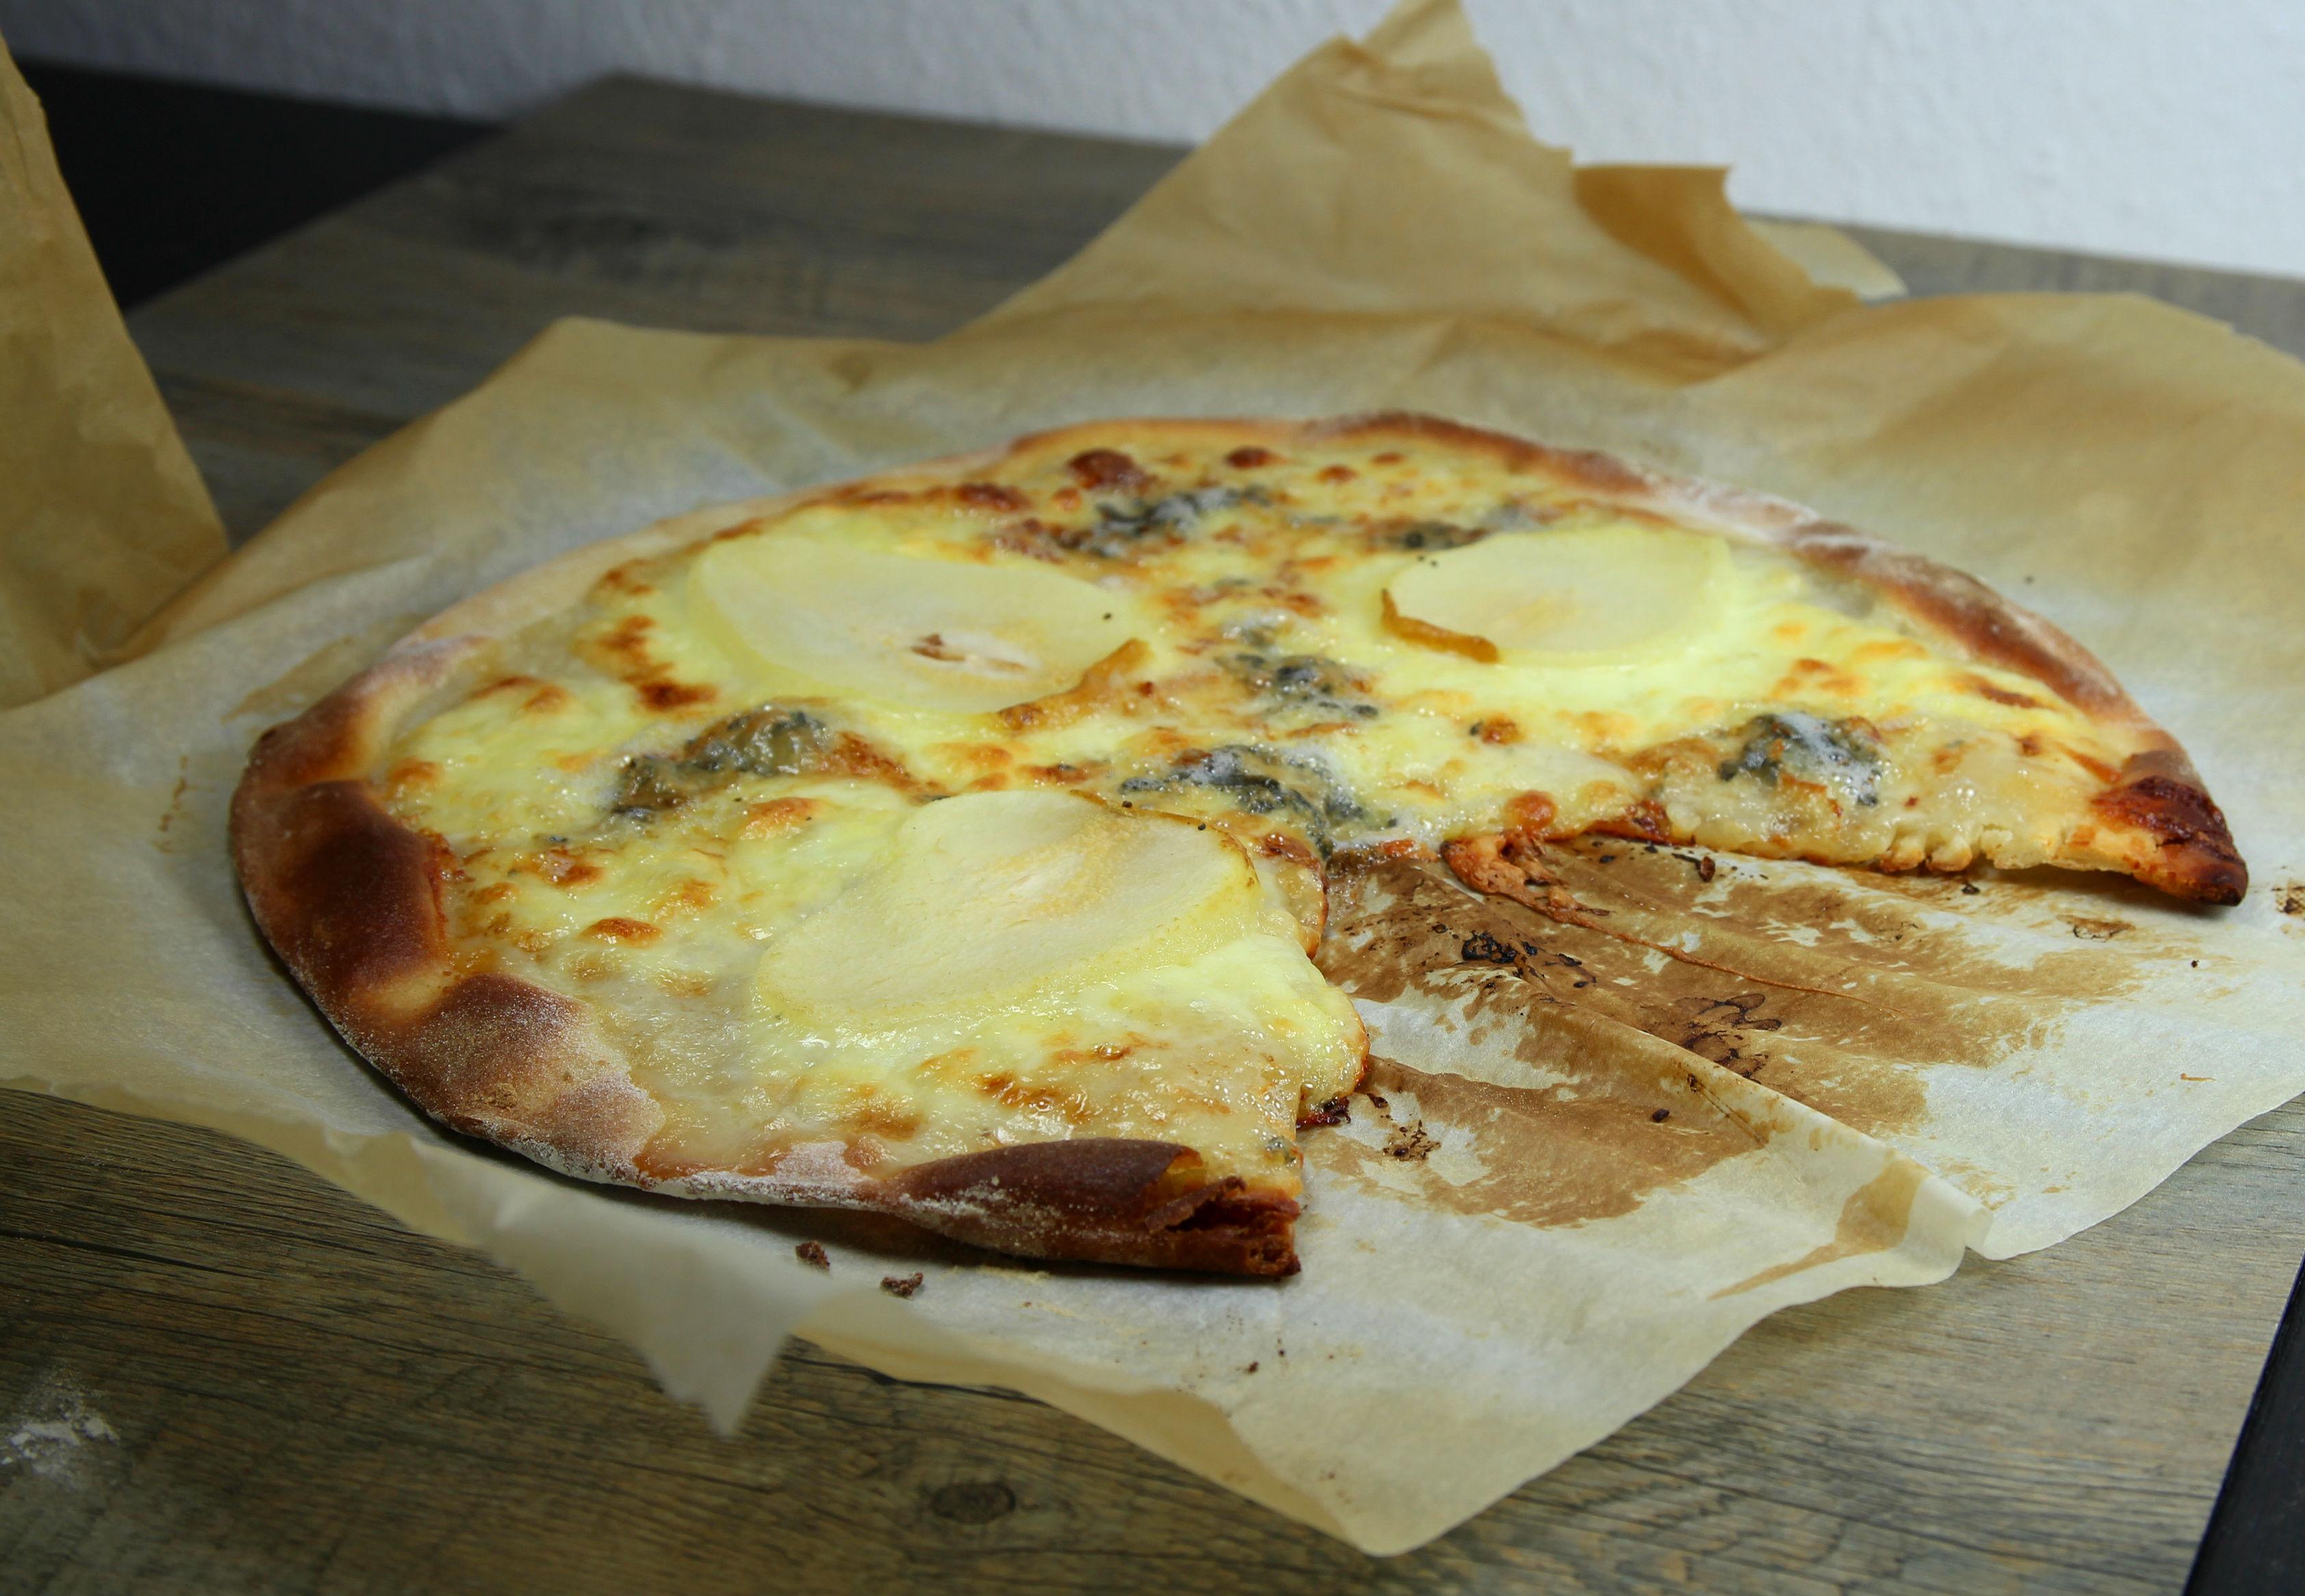 Recette pizza gorgonzola poire - Un site culinaire ...